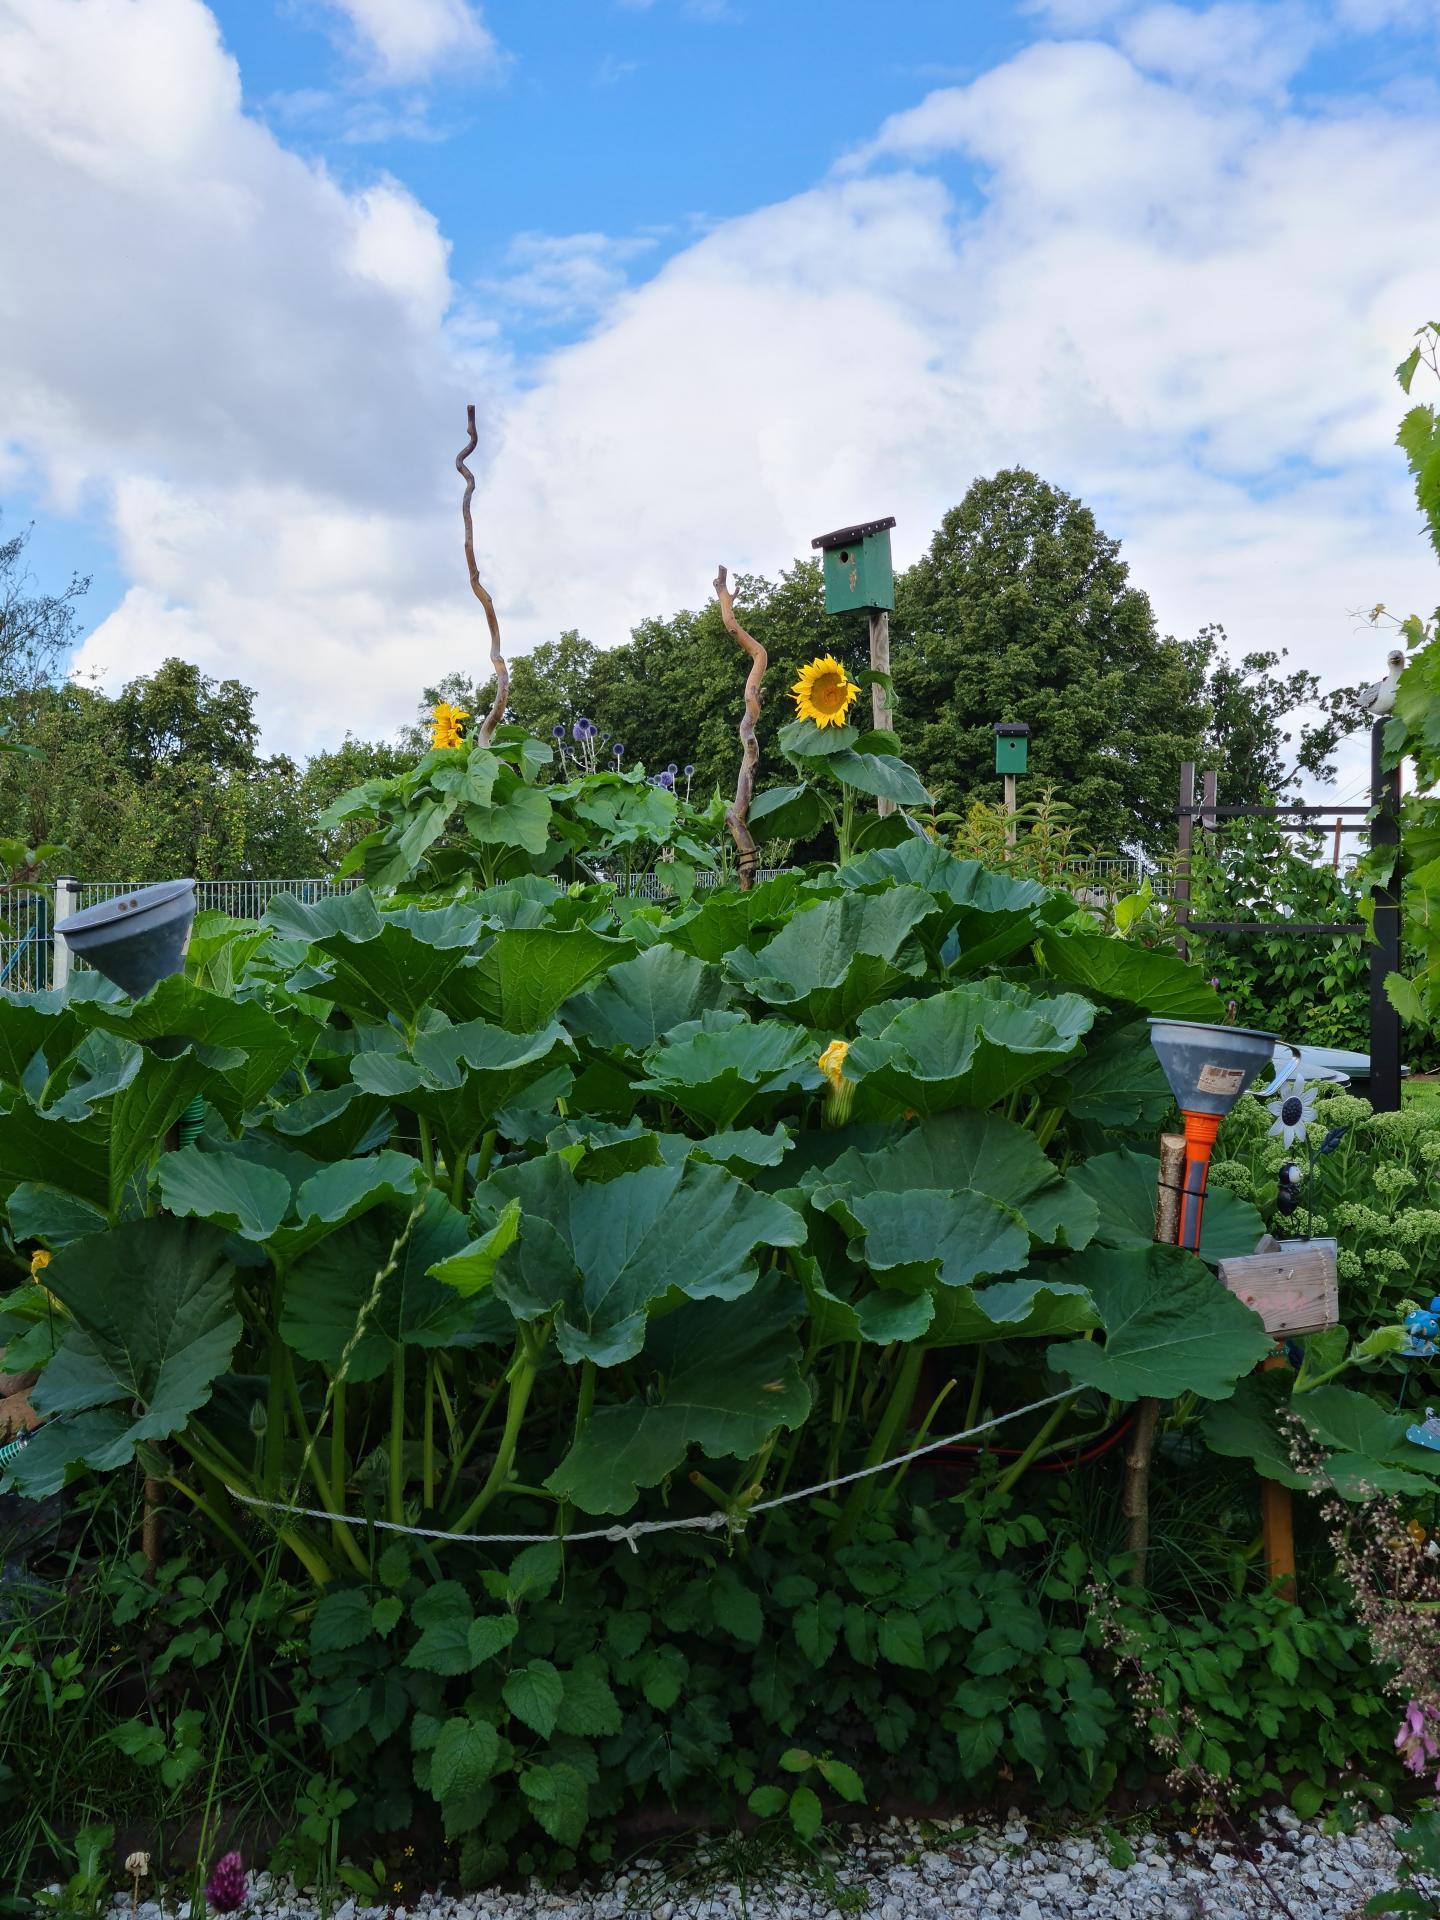 Viel Platz wird im Garten für die Kürbispflanze benötigt